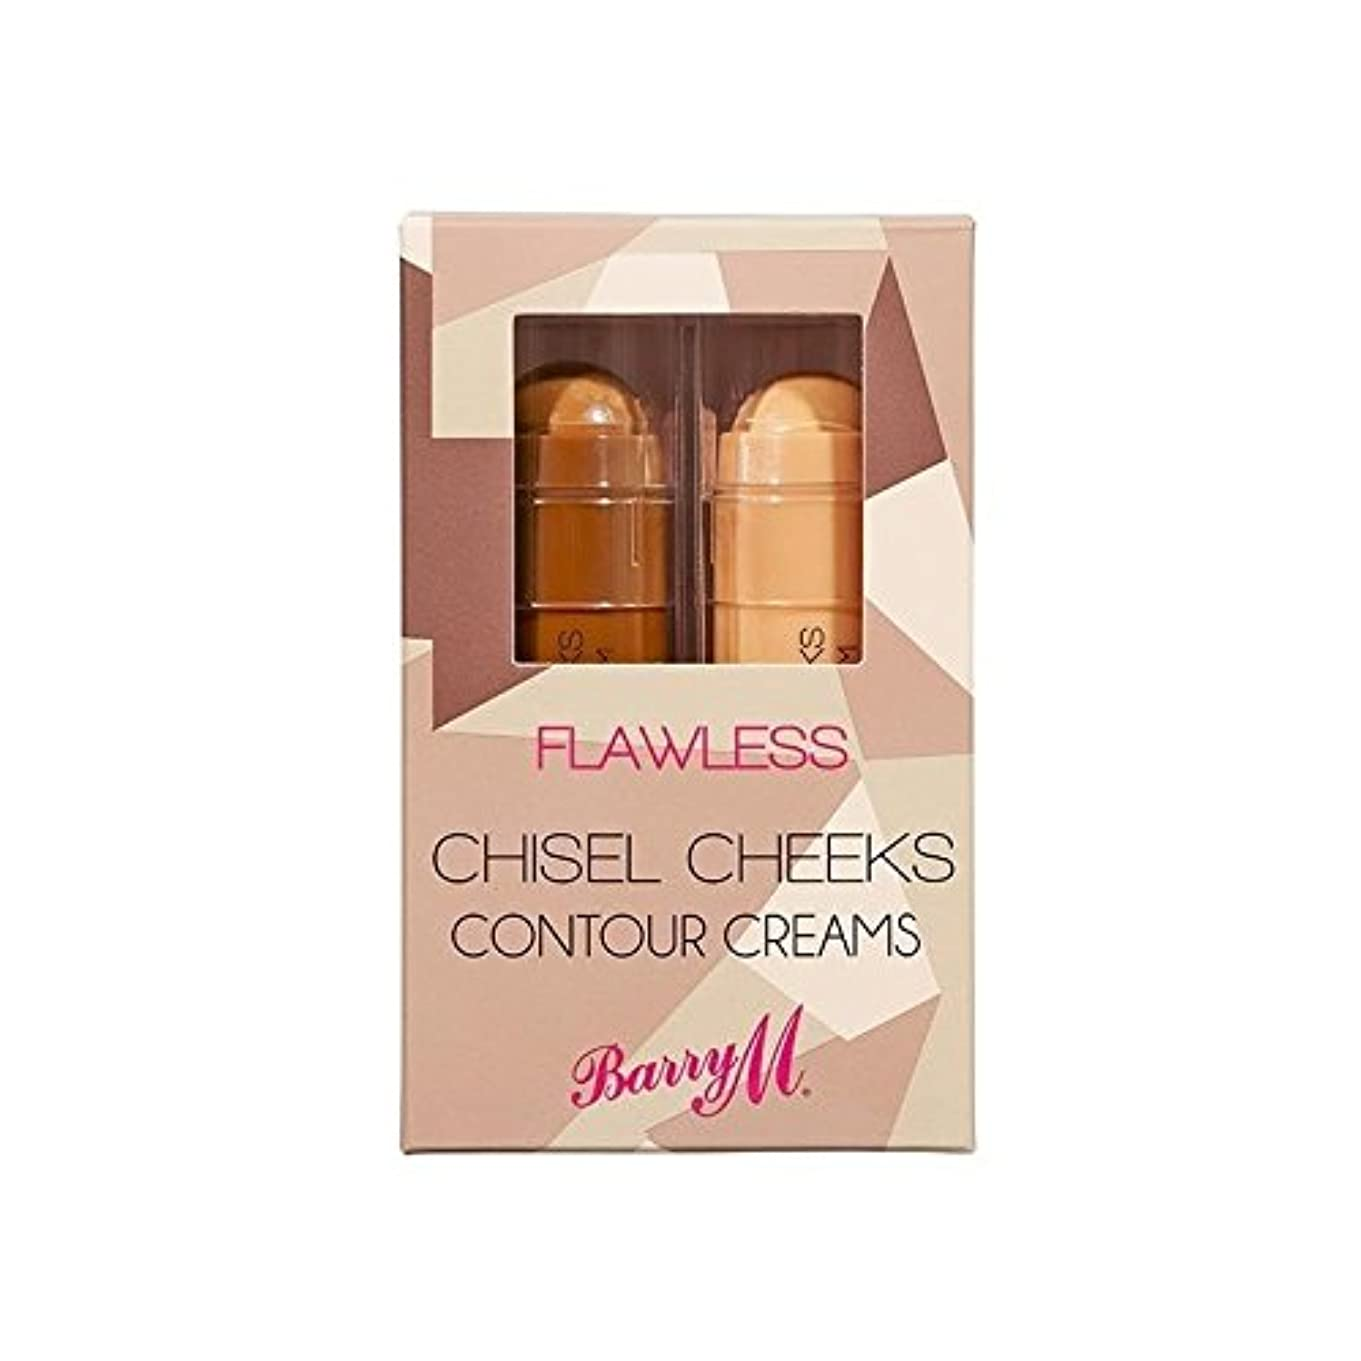 承知しました湿地競争Barry M Chisel Cheek Contour Creams (Pack of 6) - バリーメートルチゼル頬の輪郭クリーム x6 [並行輸入品]